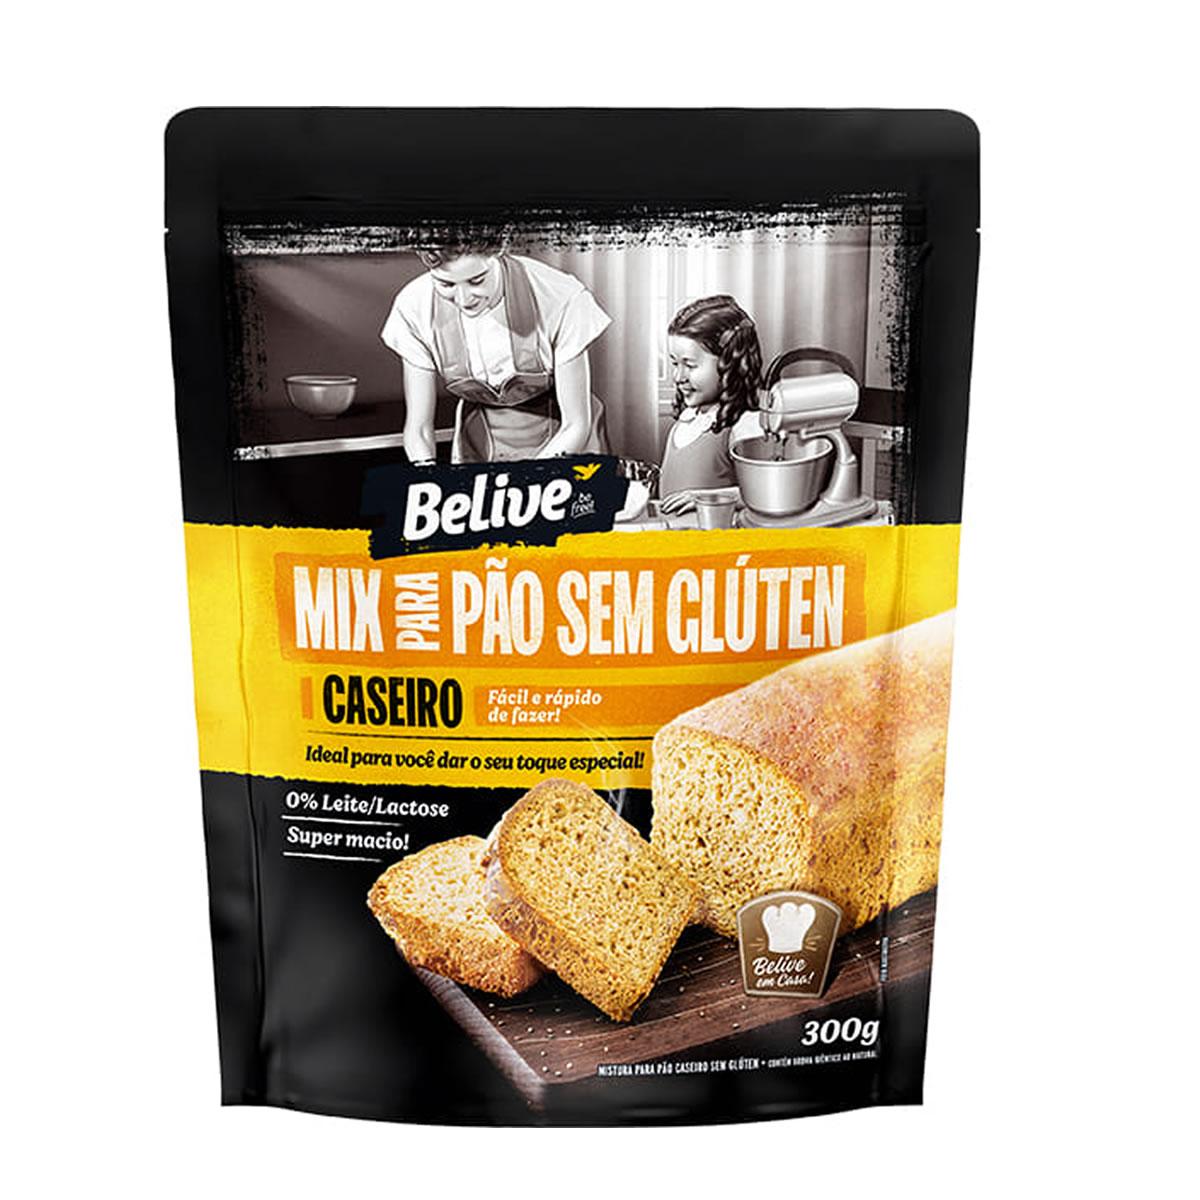 Mix para Pão Caseiro Sem Glúten 300g - Belive